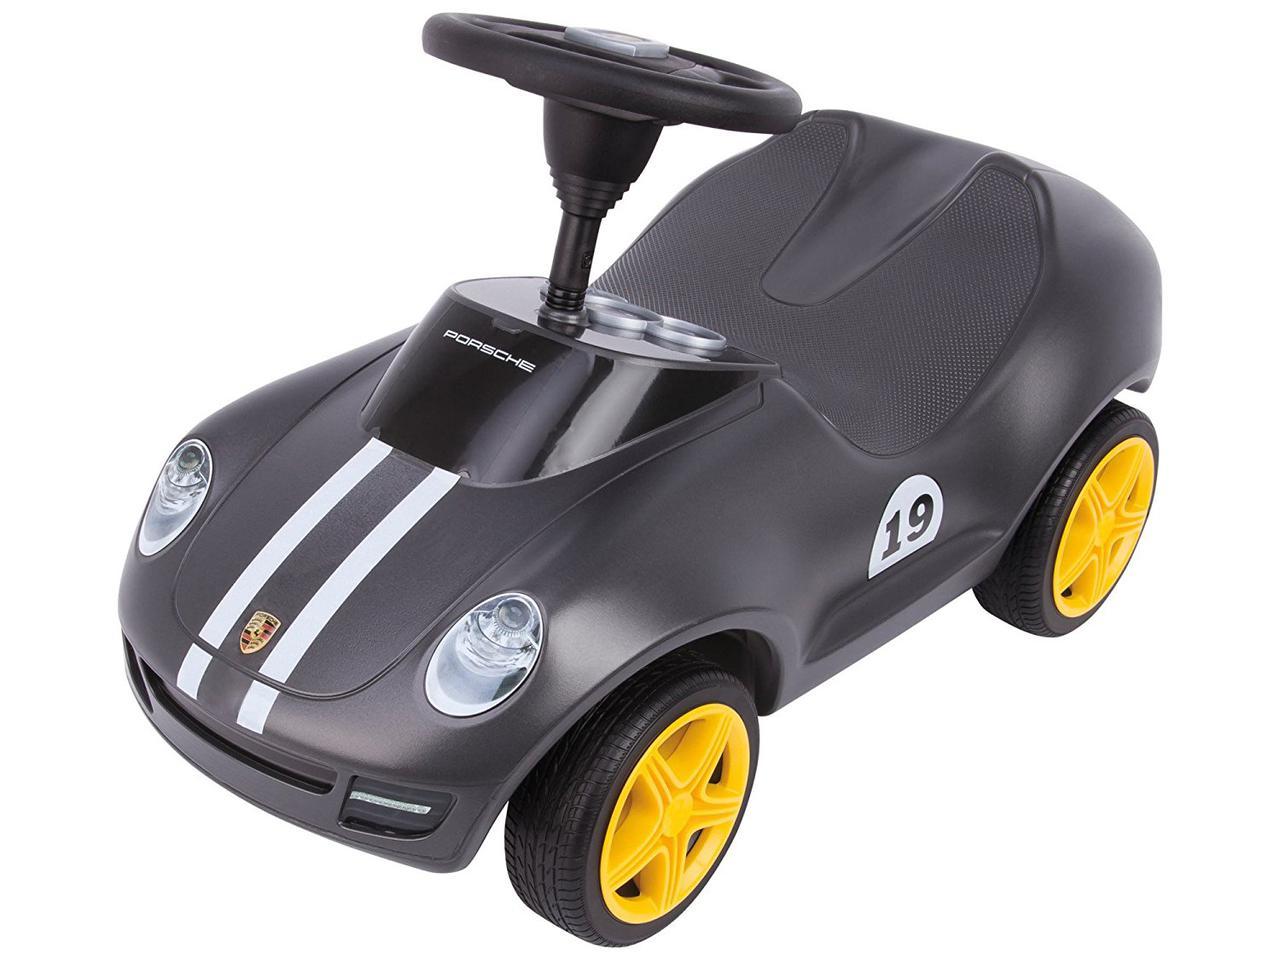 Машинка каталка Порш BIG и защитные накладки для детской обуви Porsche 56346